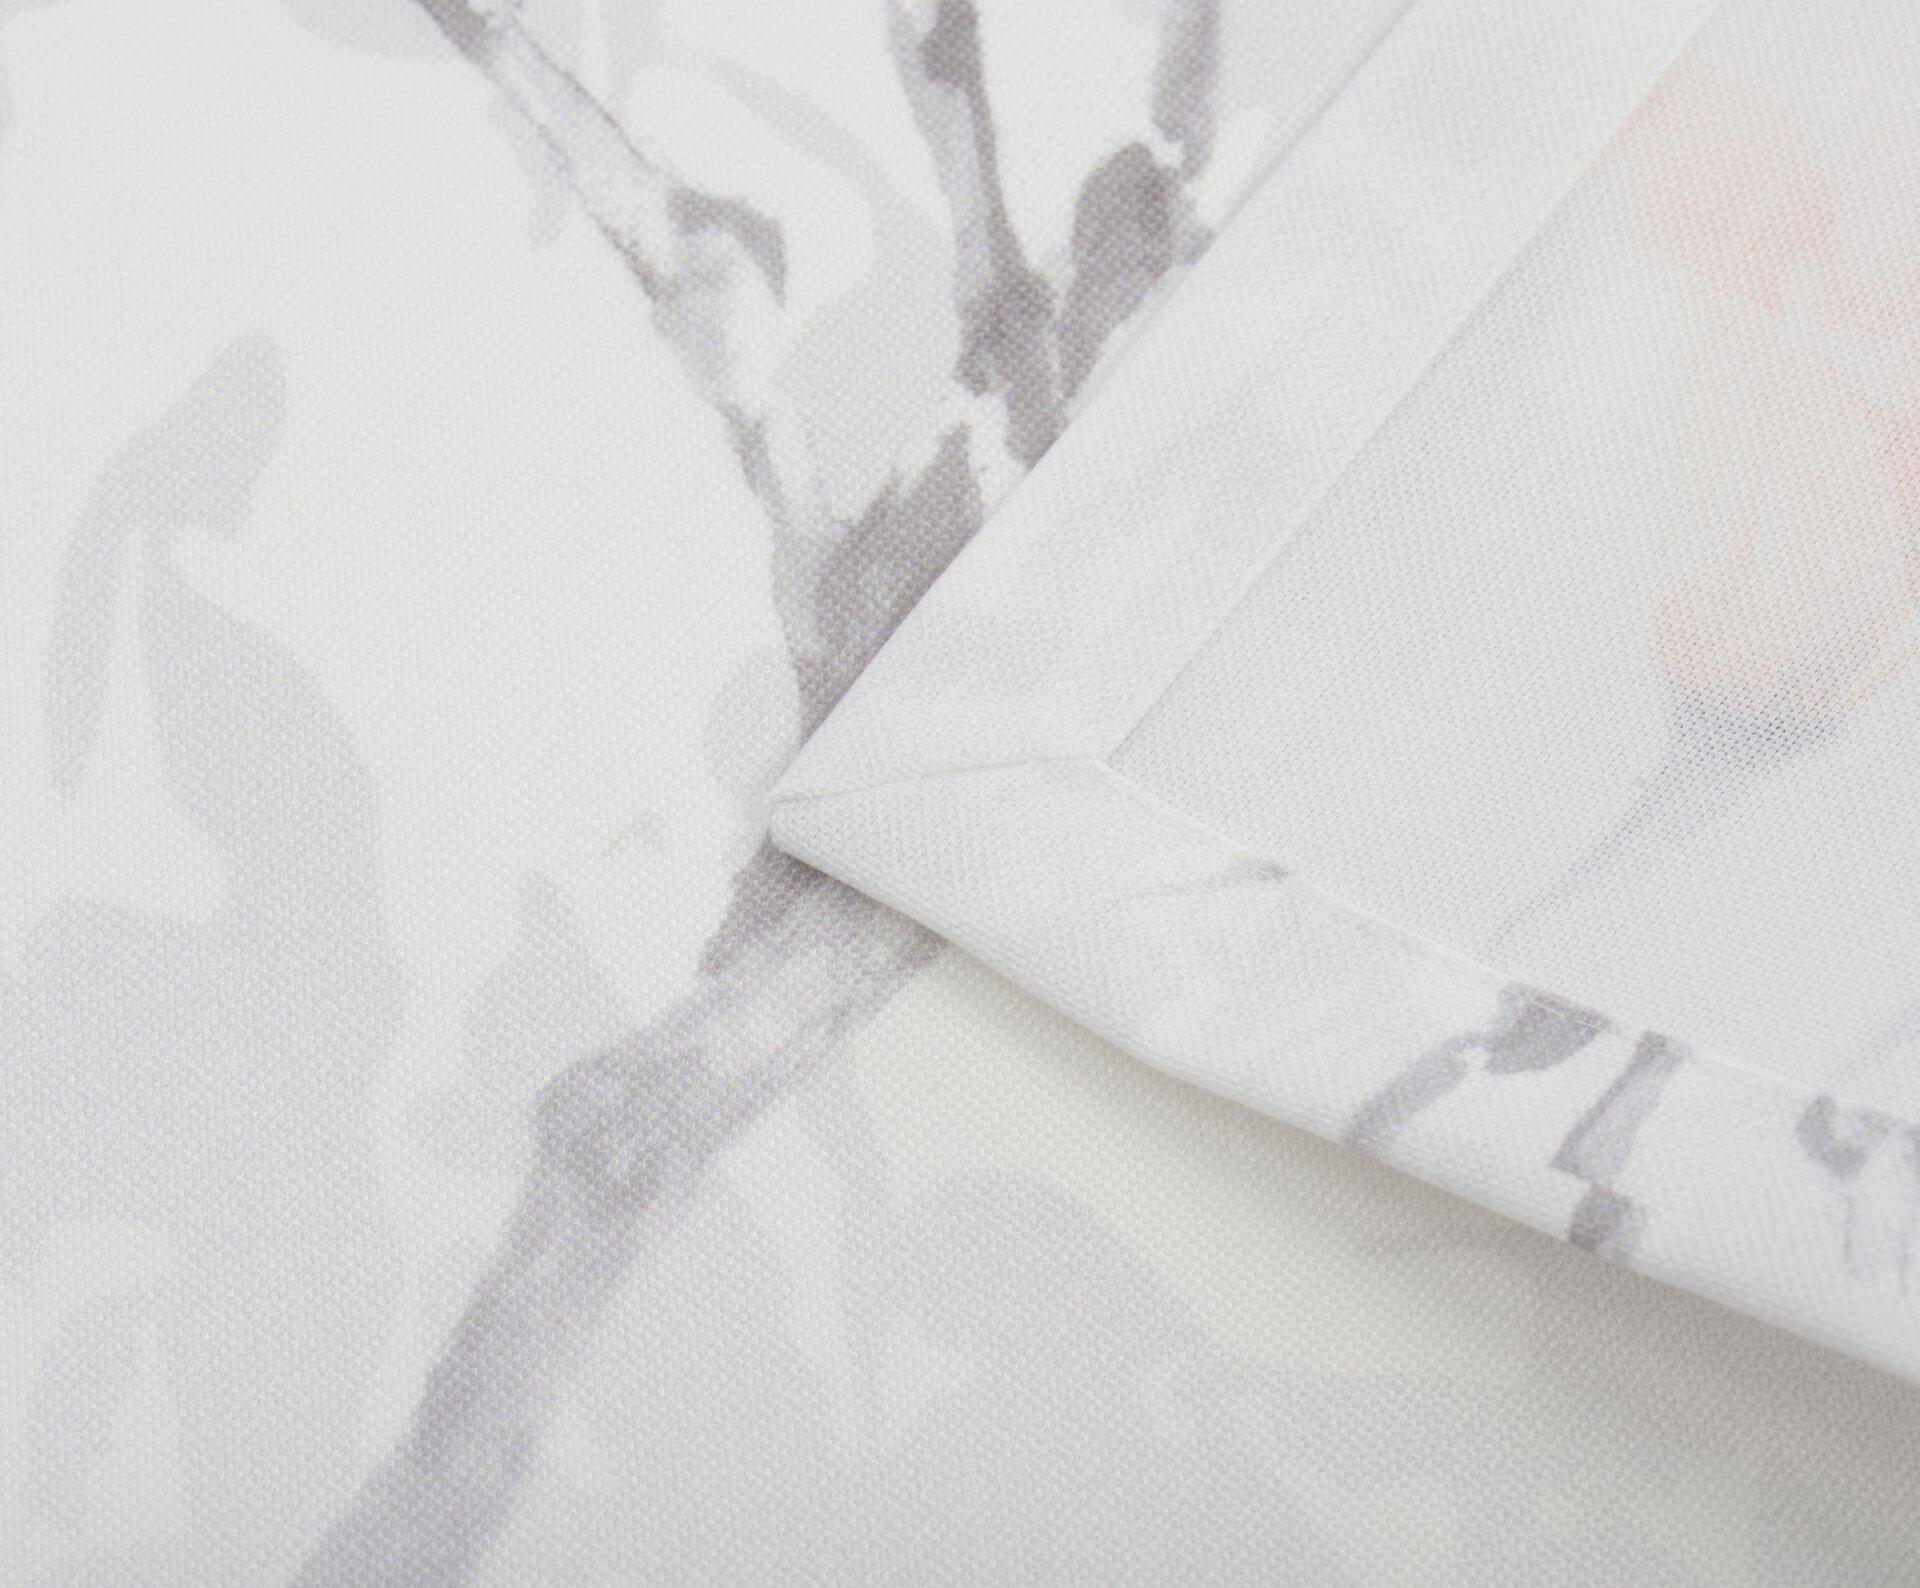 Tischläufer Gina Ambiente Trendlife Textil orange 40 x 140 cm